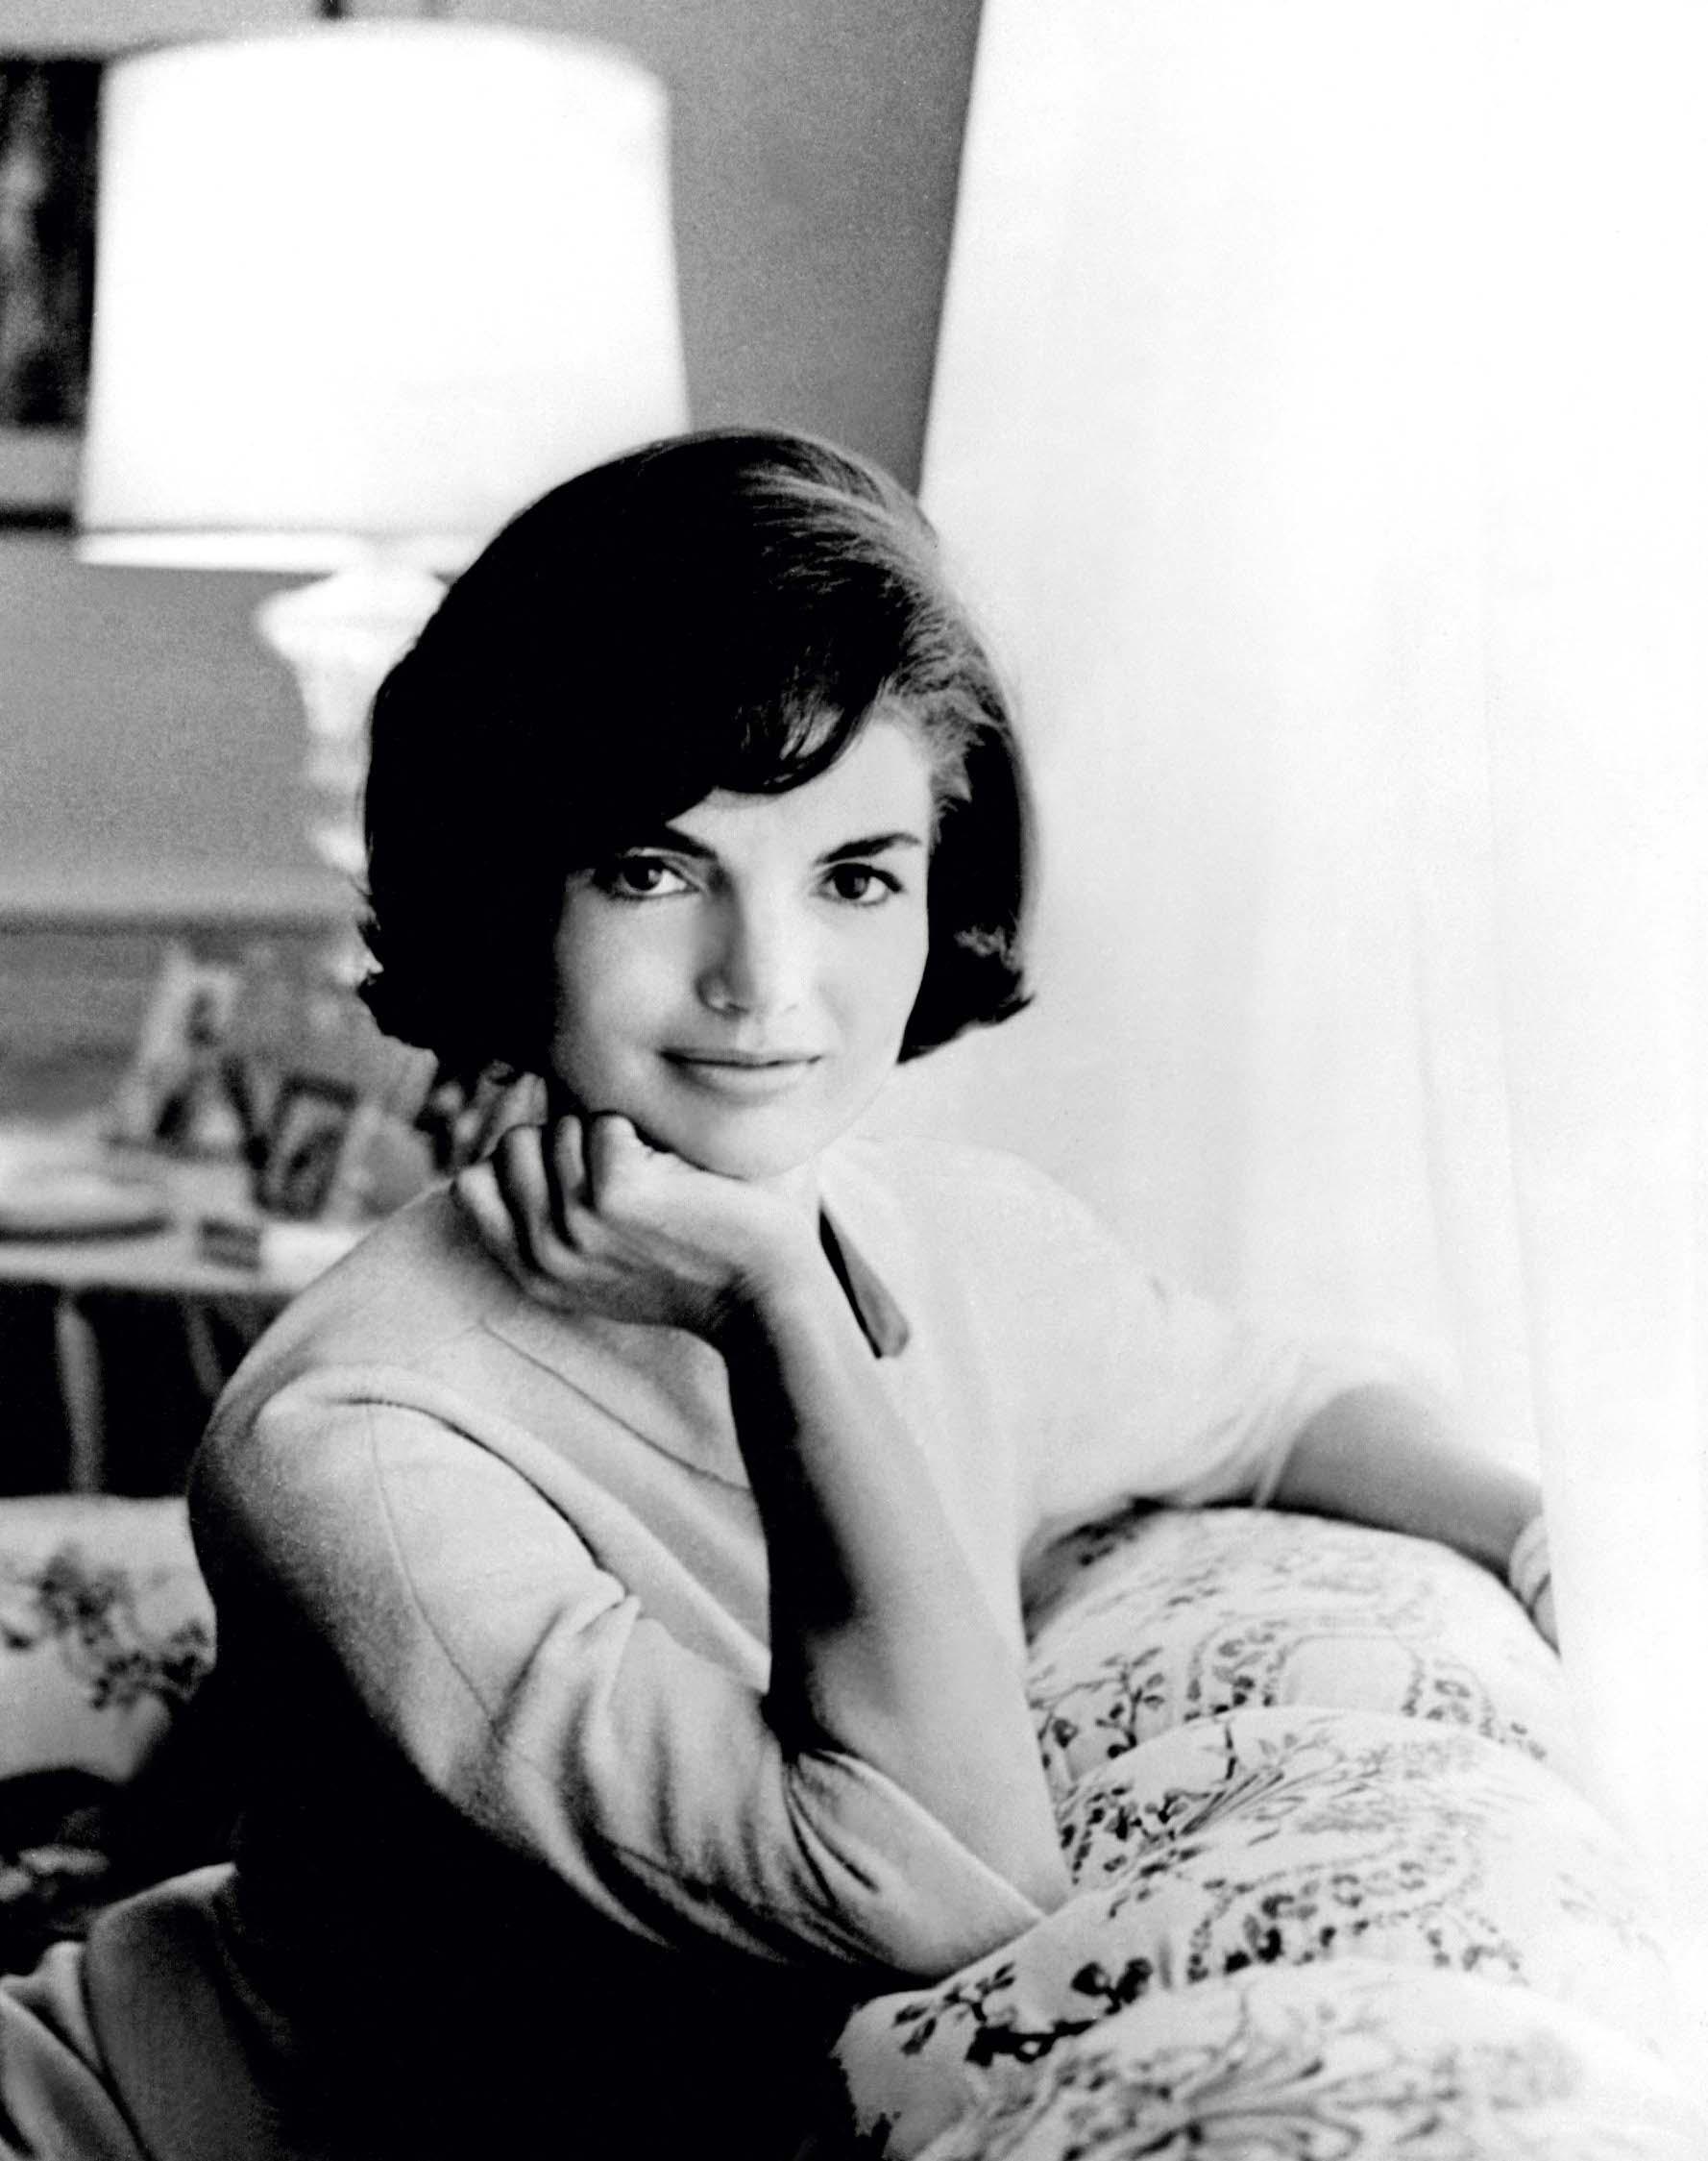 Iako joj je politika bila dosadna, uz Kennedyja je prihvatila ulogu žene političara